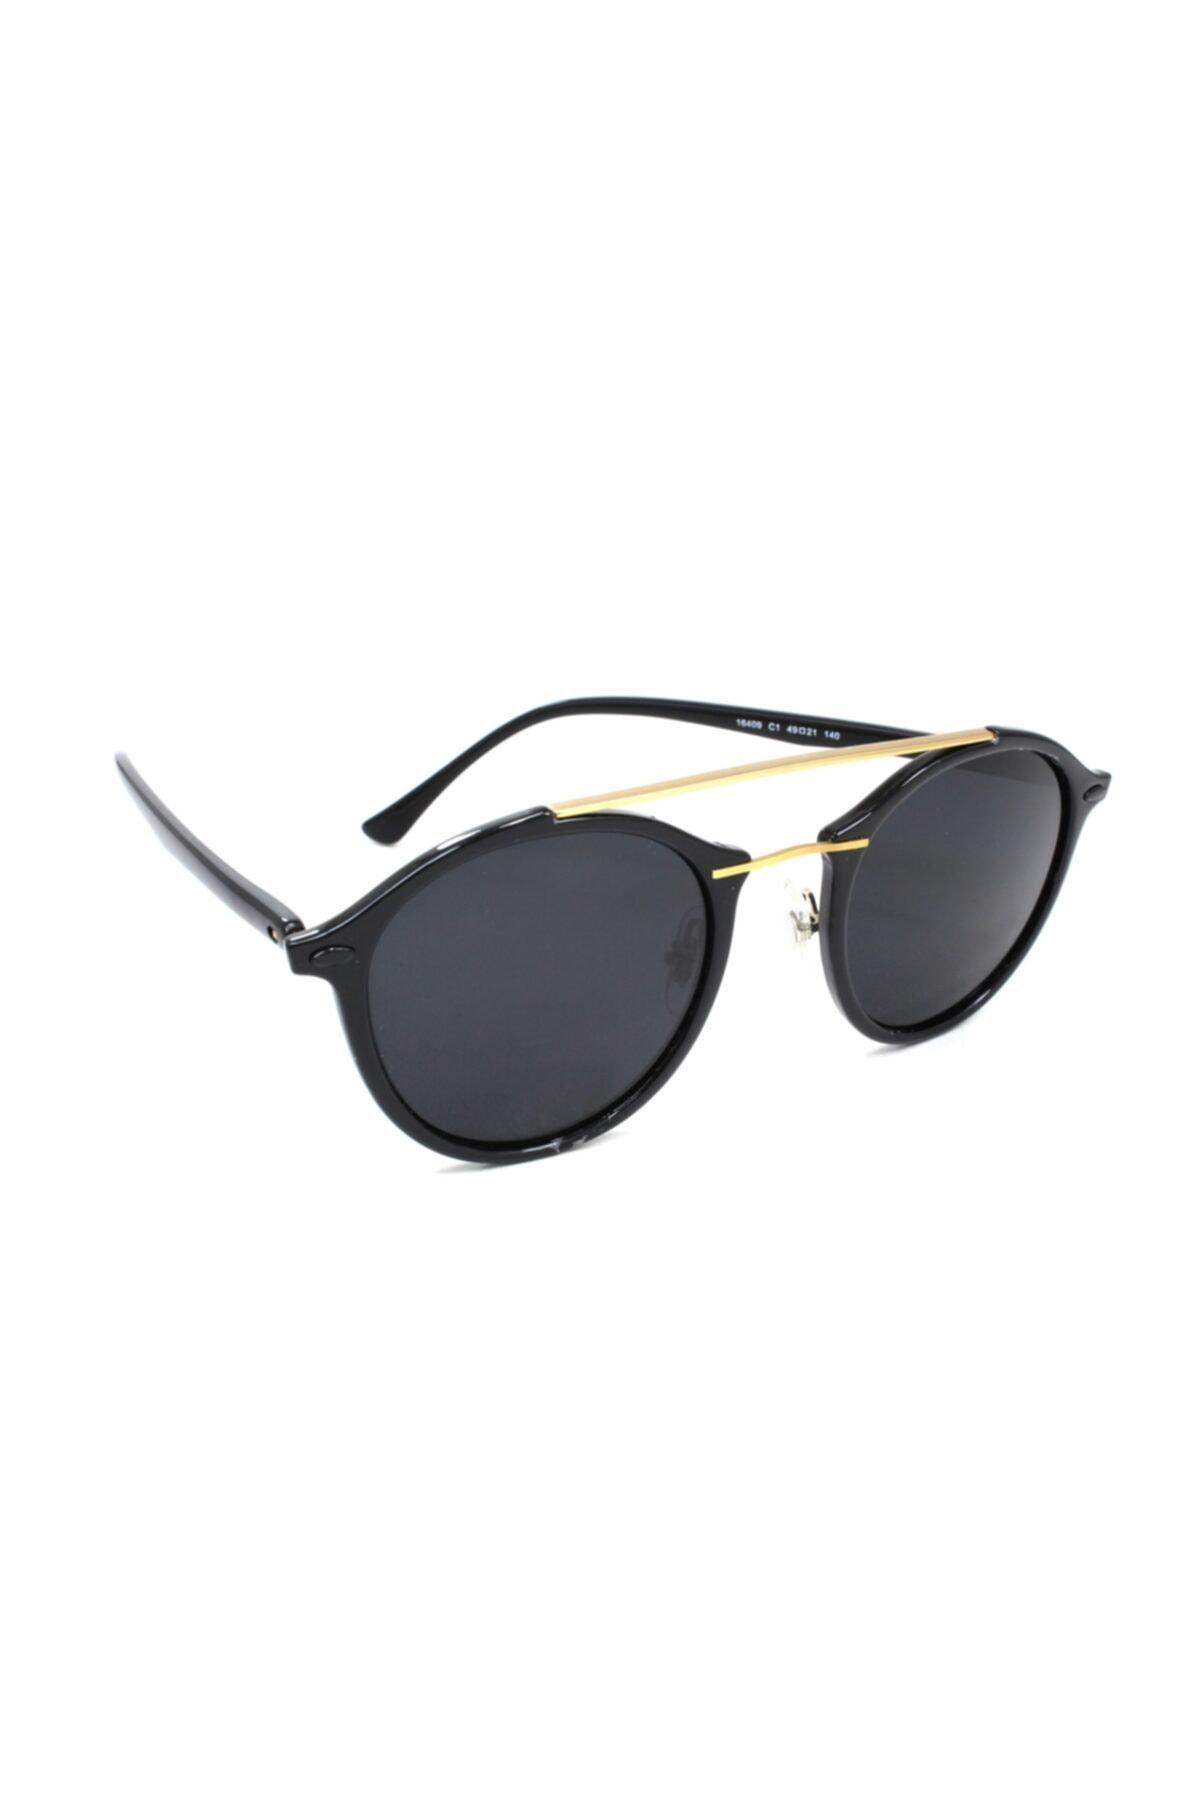 عینک آفتابی زنانه قیمت مناسب برند Aston Martin رنگ مشکی کد ty68066756